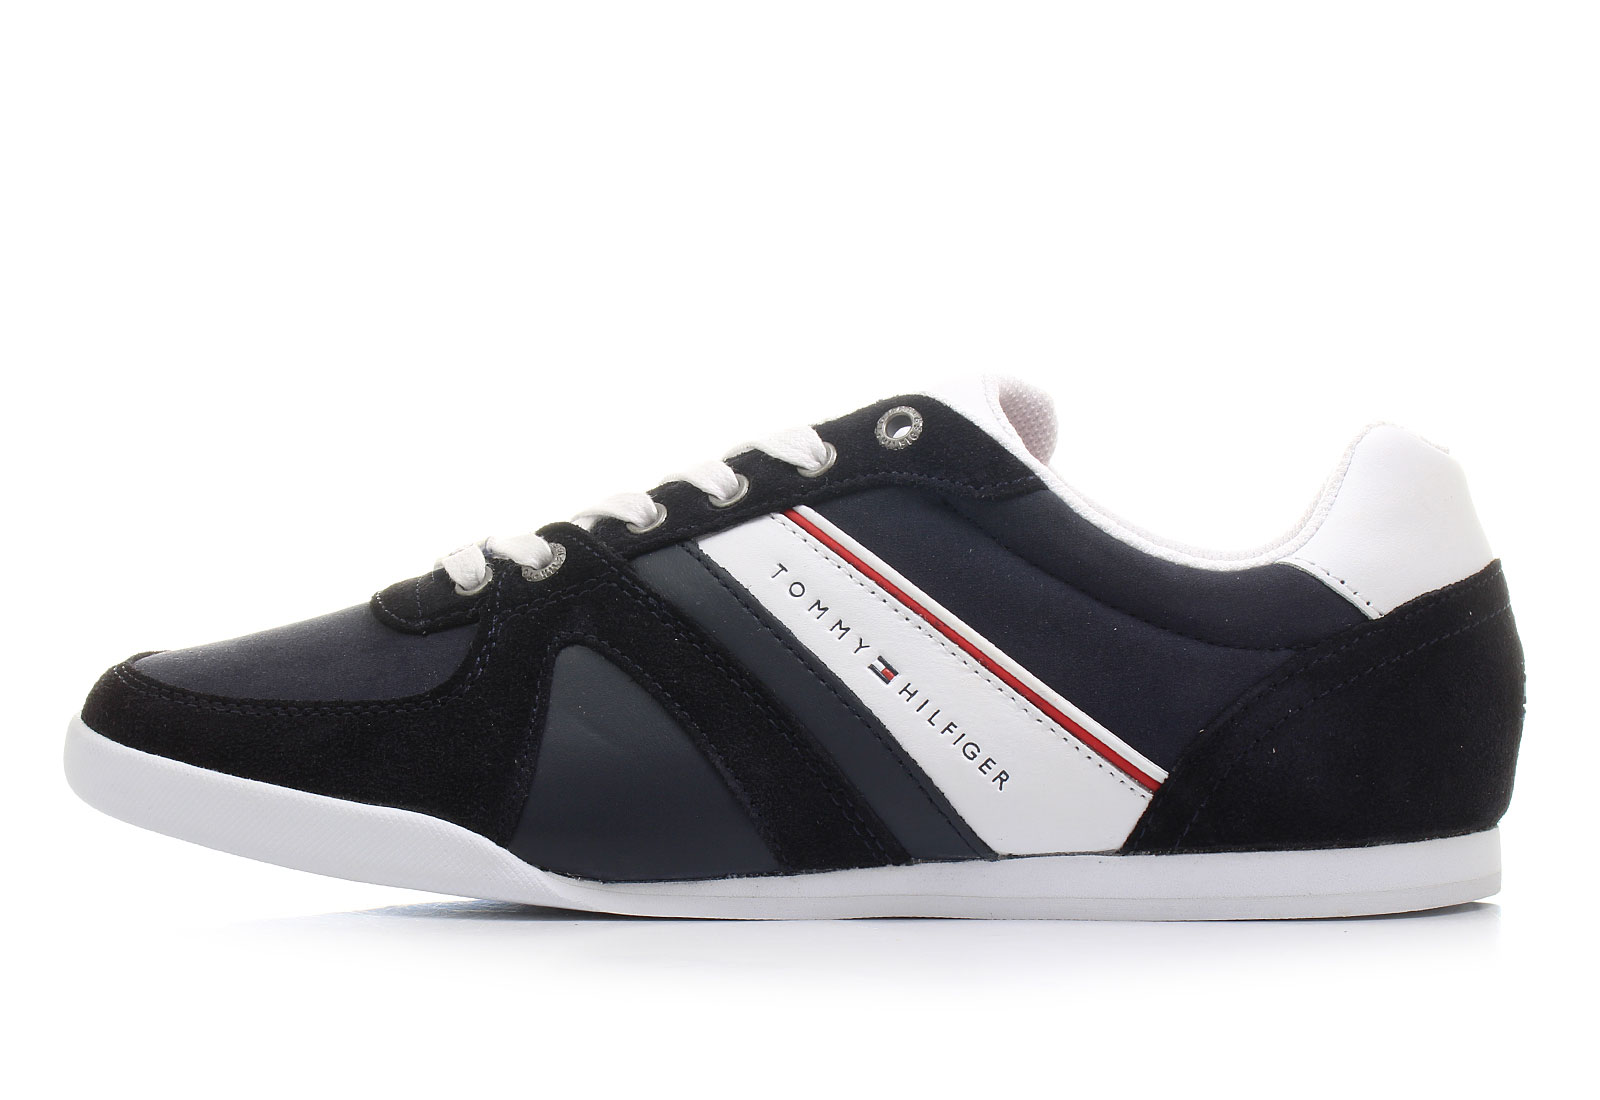 Tommy Hilfiger Cipő - Riley 2c - 16S-1103-403 - Office Shoes ... 1870cf43d4